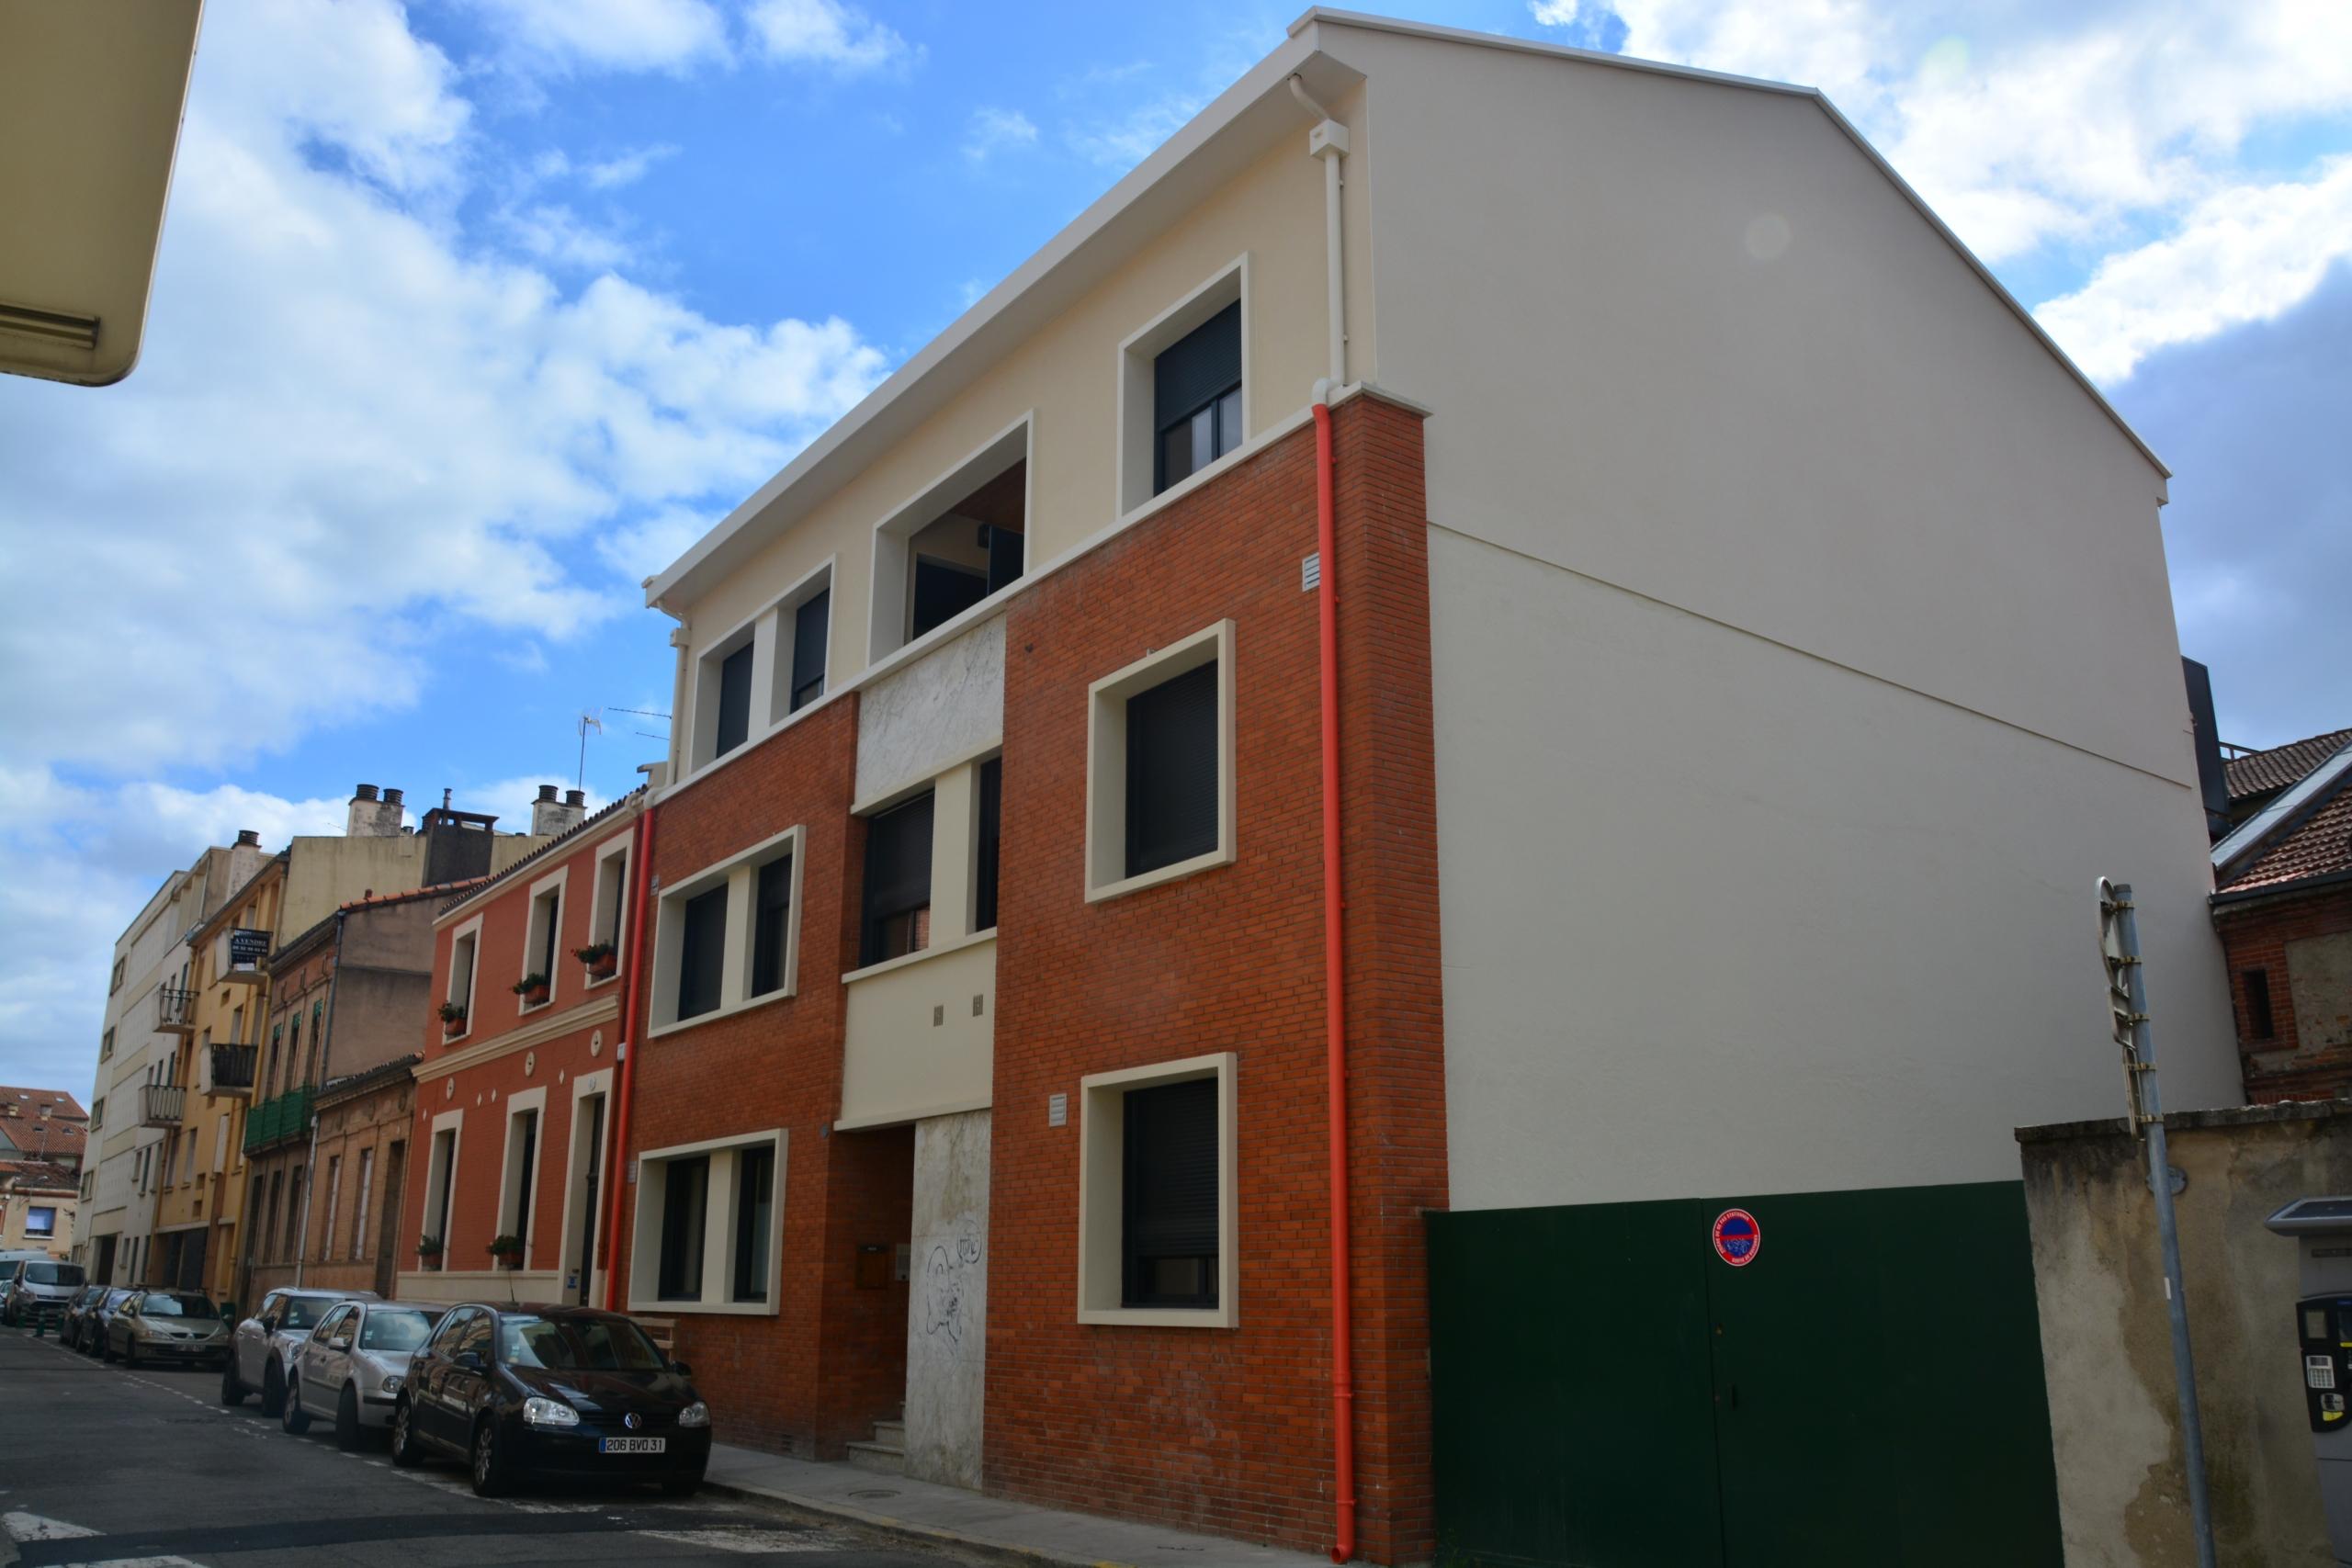 Surélévation et rénovation complète d'un immeuble pour la création de 12 logements. Une conception réalisation SILVEA Architectes. Réalisation 2019.